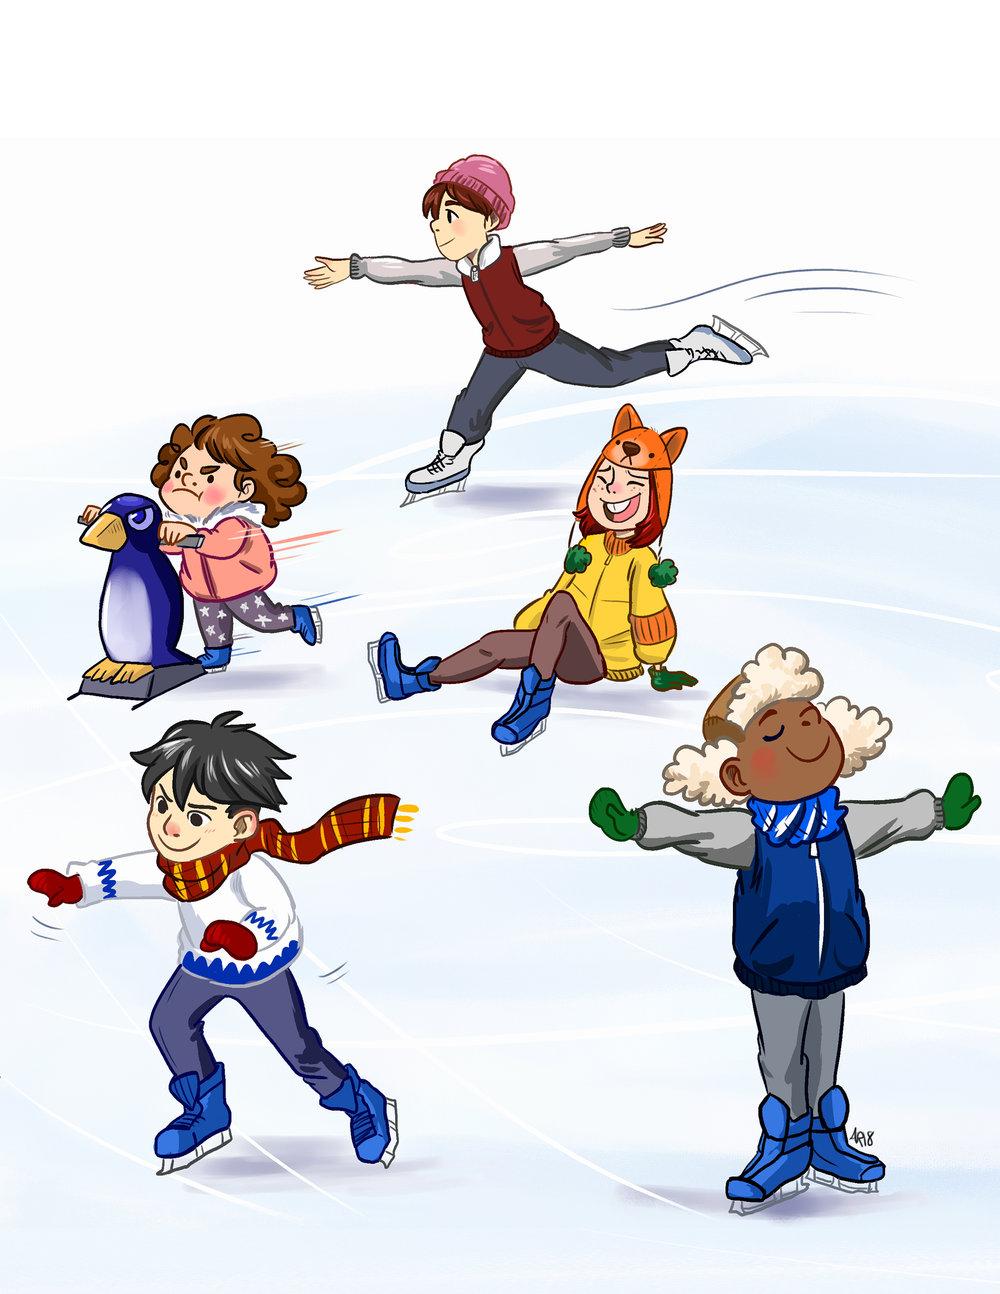 00_SnowScene_FigureSkaters.jpg